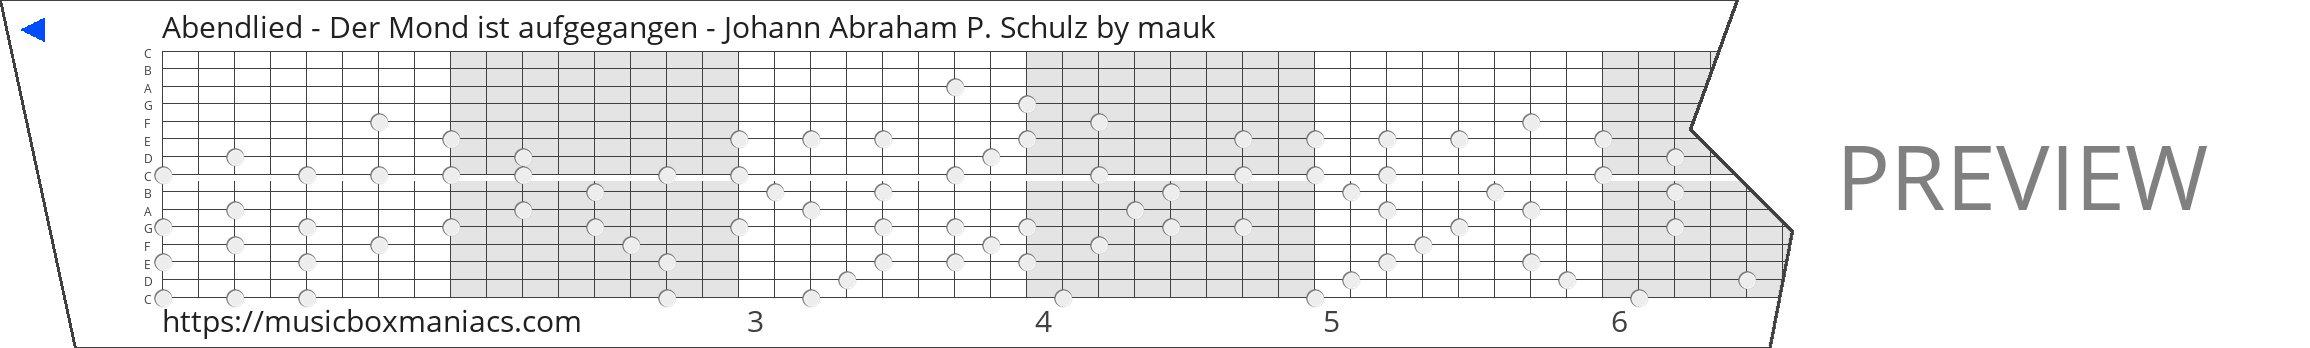 Abendlied - Der Mond ist aufgegangen - Johann Abraham P. Schulz 15 note music box paper strip